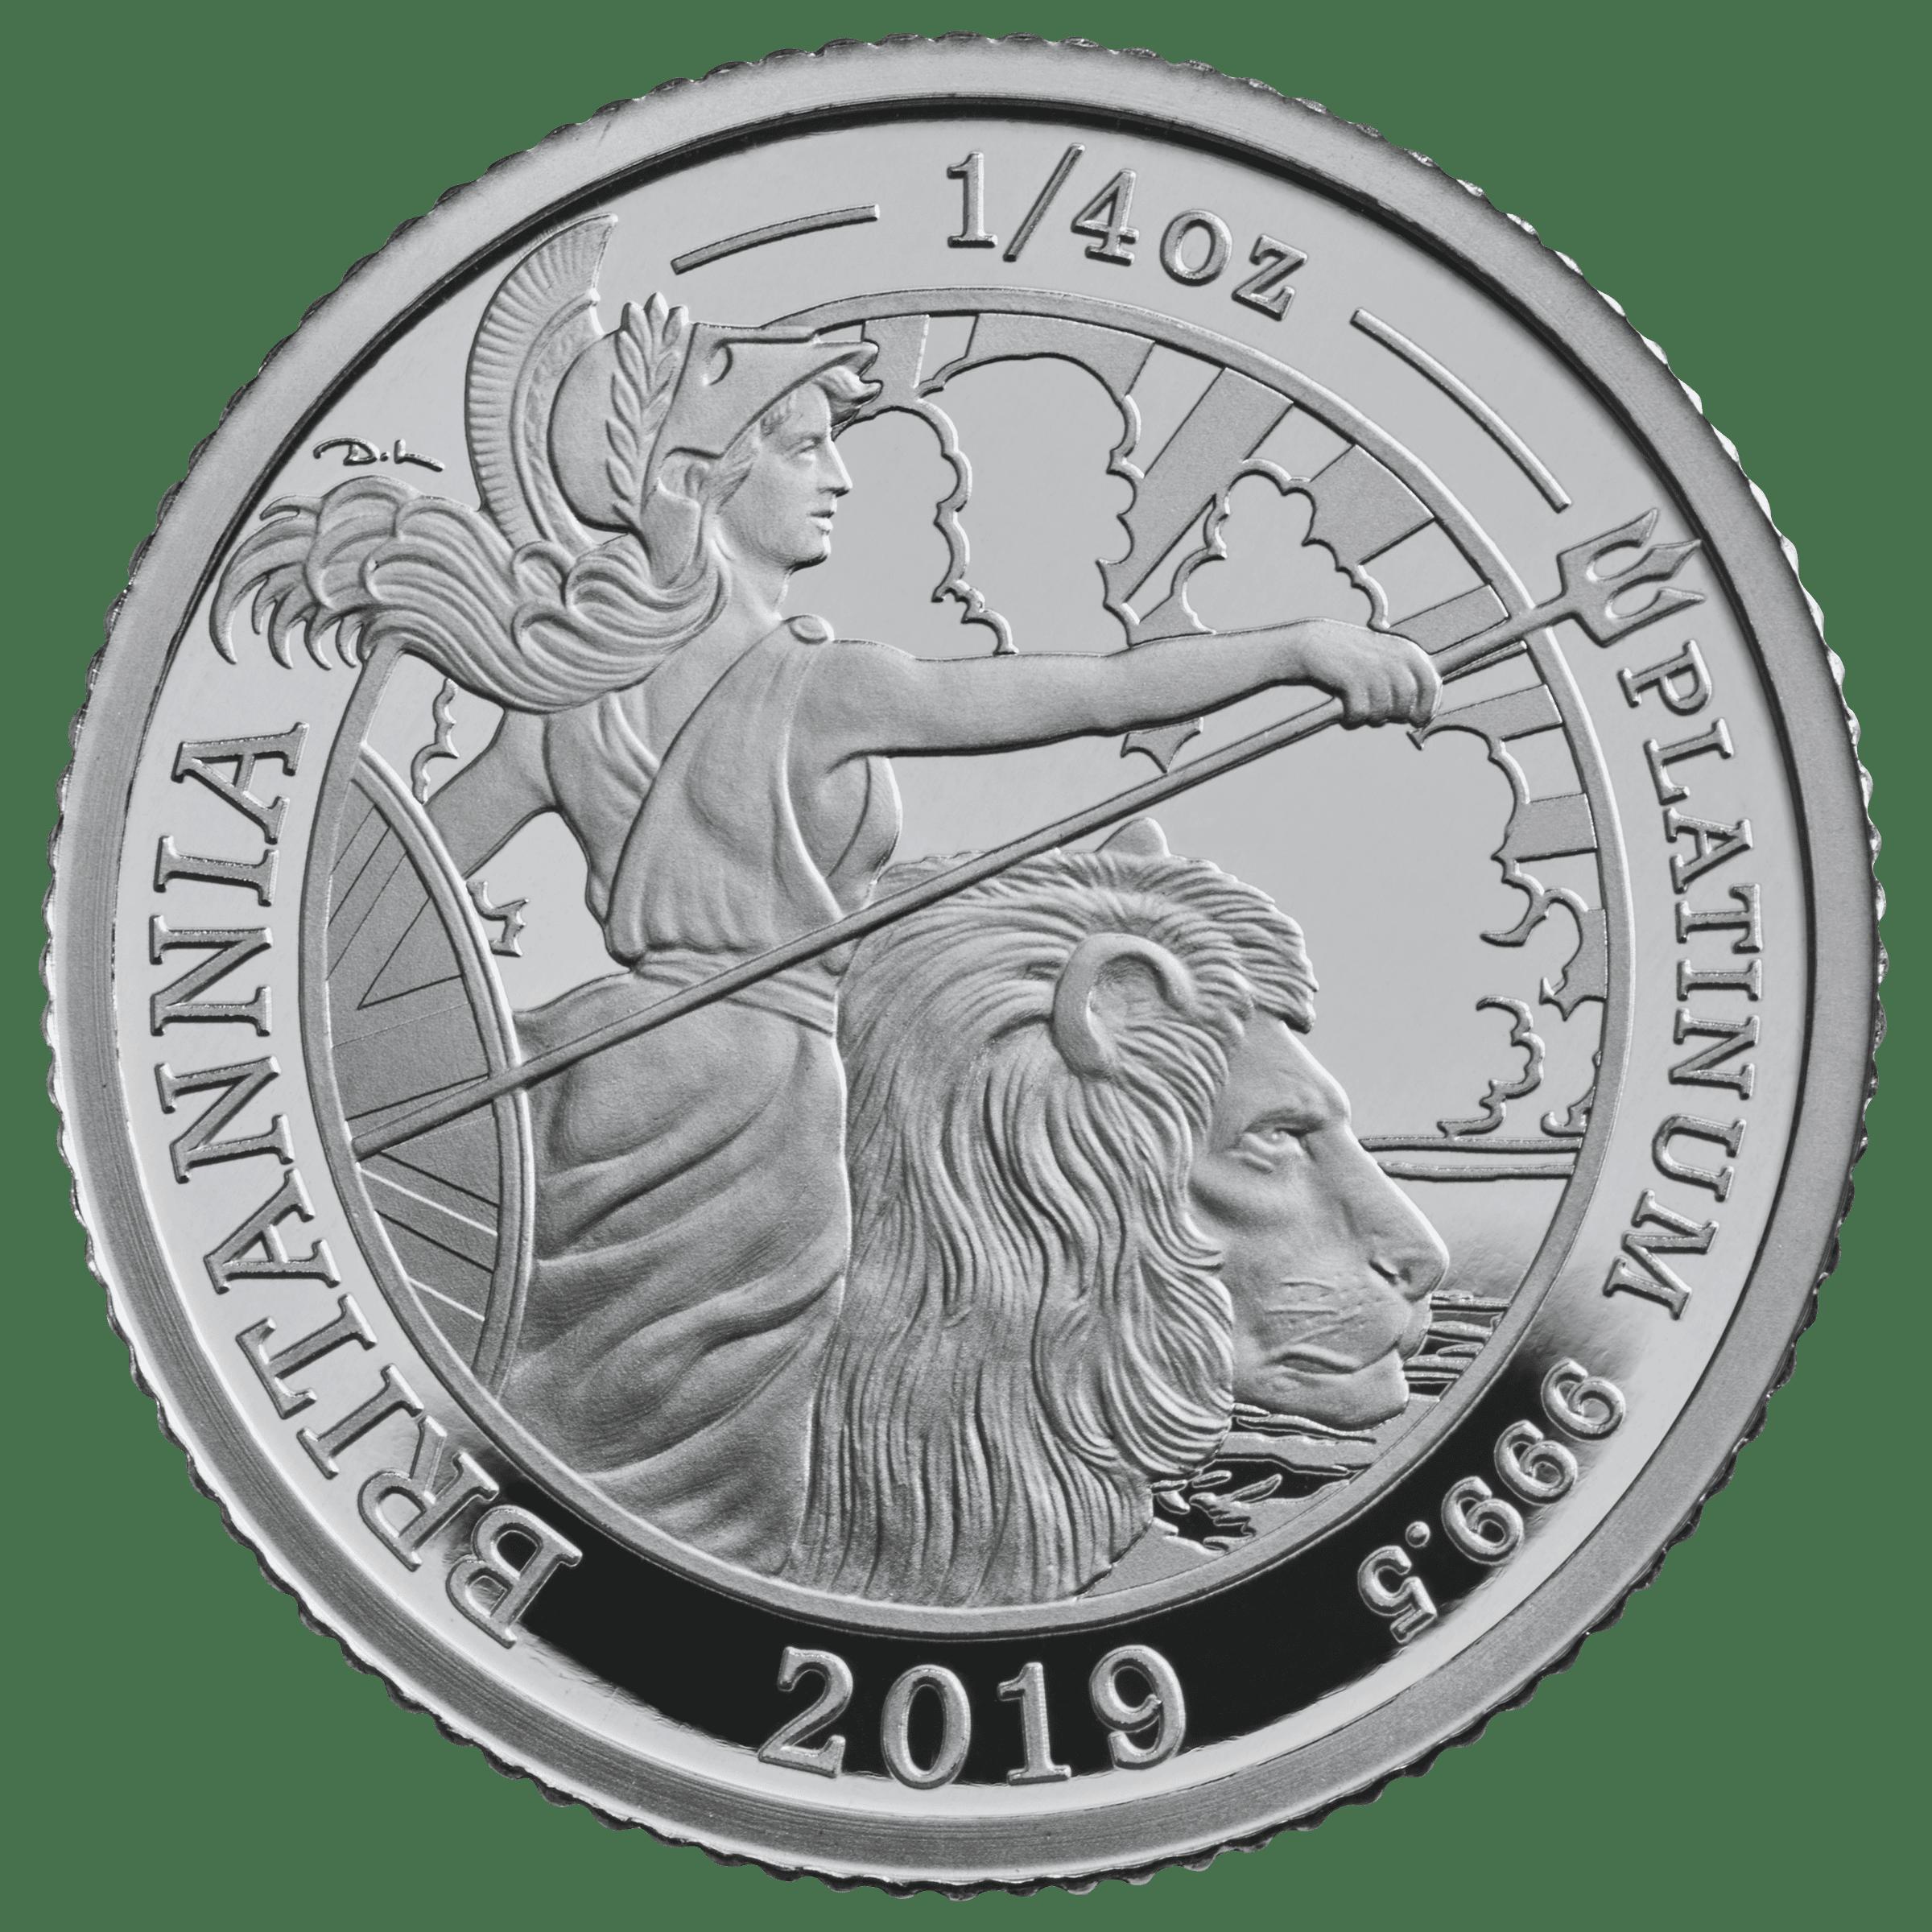 2019 britannia coin